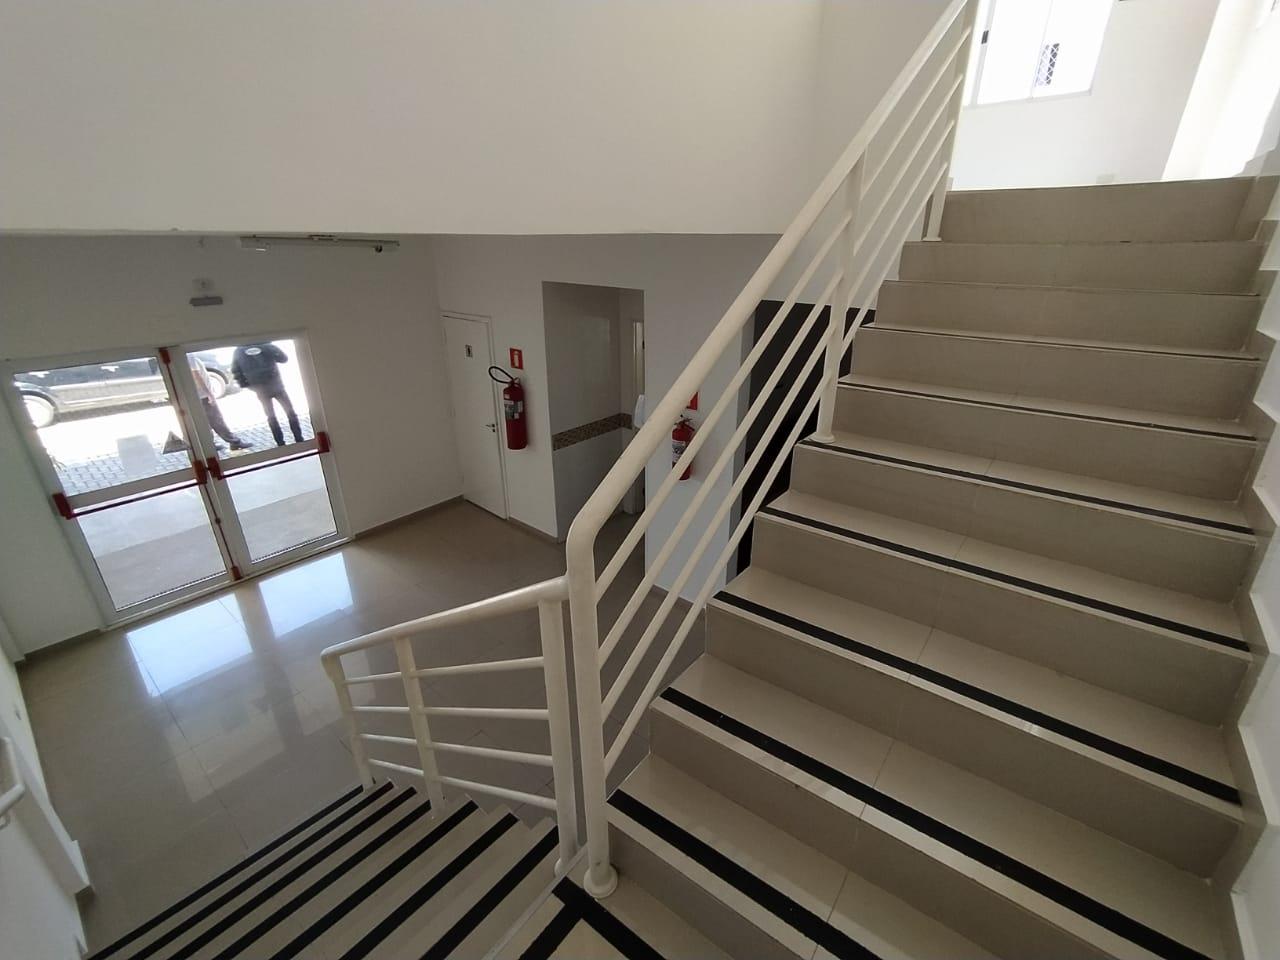 Alugar Apartamento / Padrão em Jacareí apenas R$ 800,00 - Foto 19